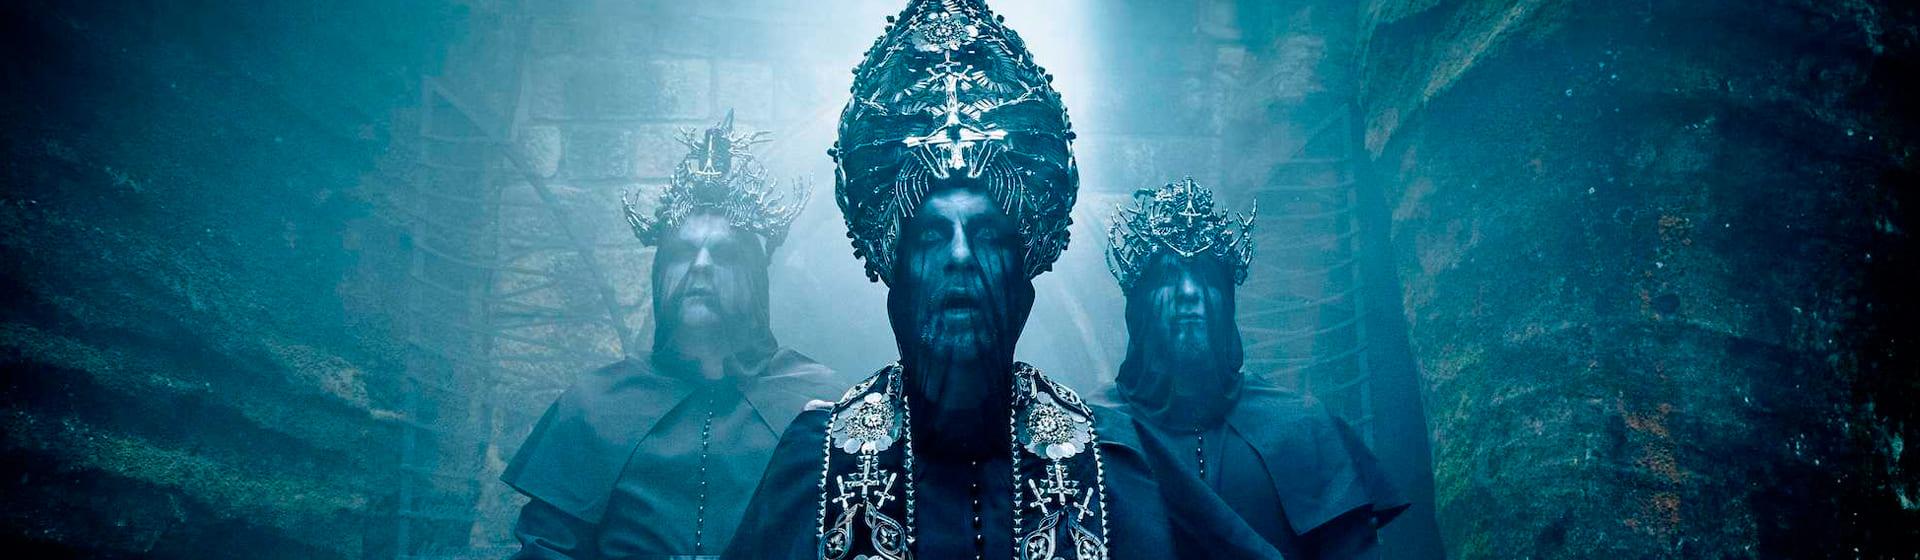 Behemoth - Мерч и одежда с атрибутикой